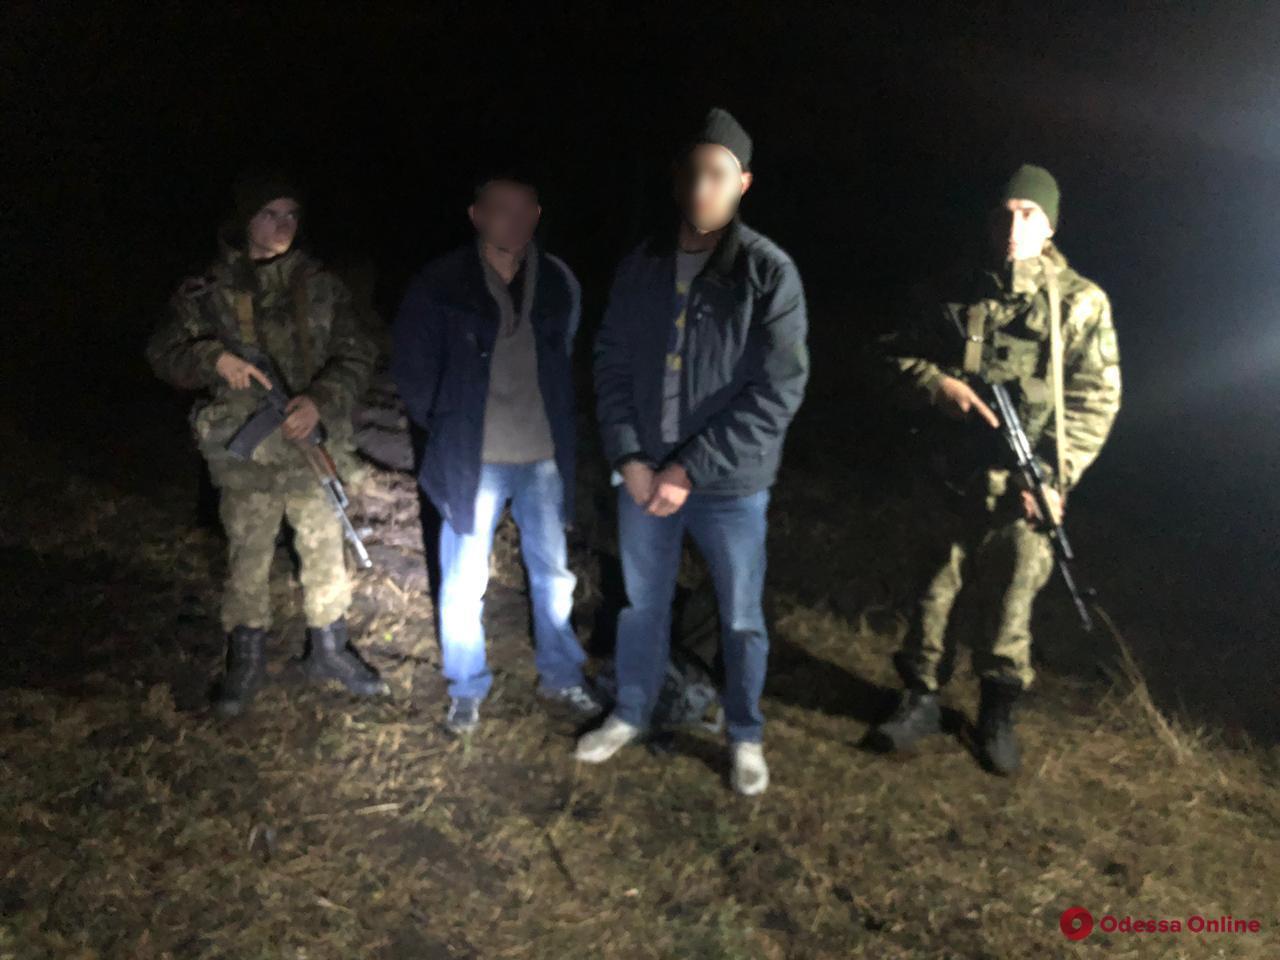 Хотели работать в Одессе: на границе поймали нелегалов из ПМР